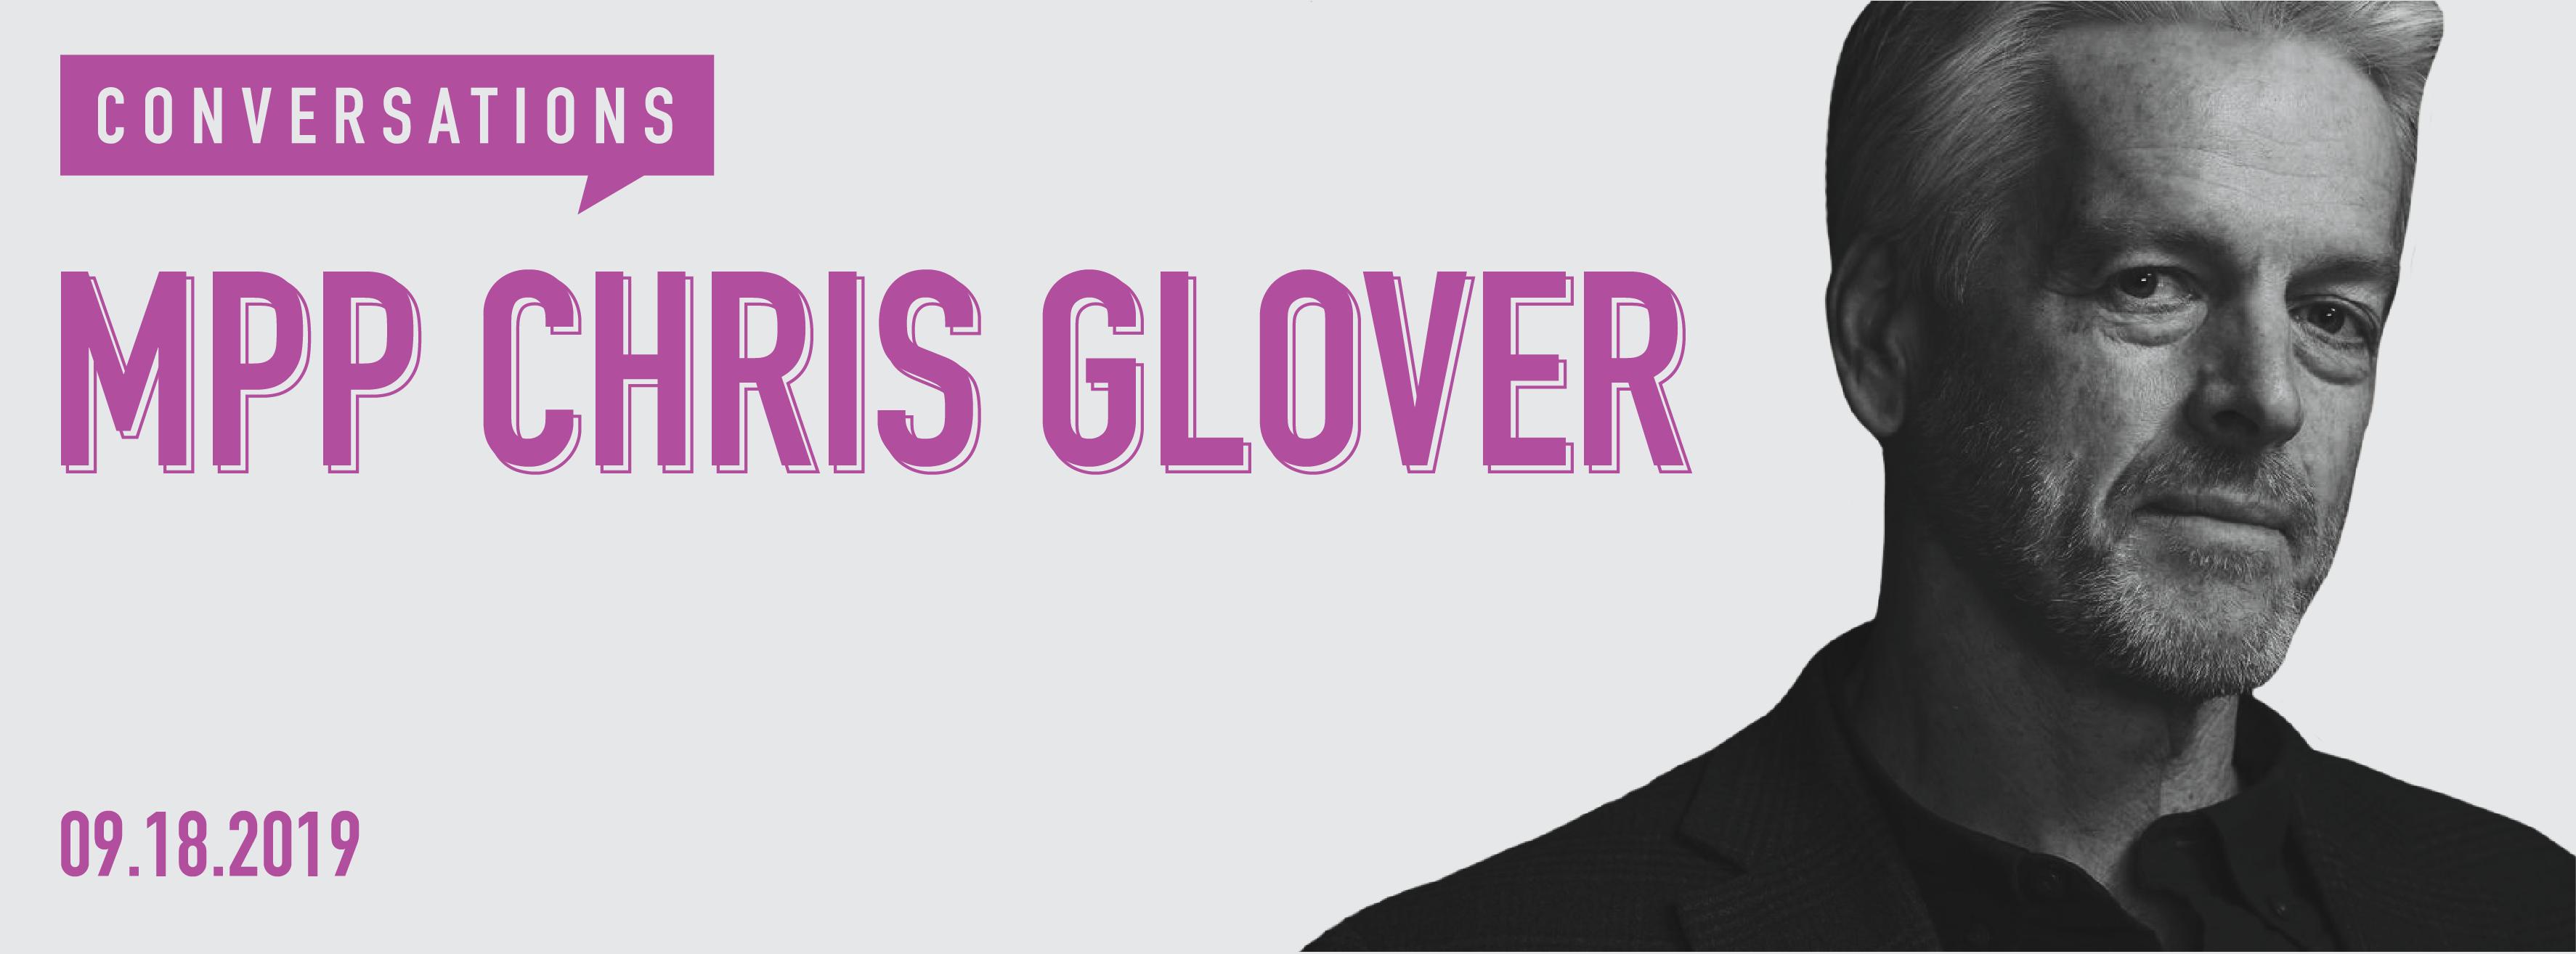 MPP Chris Glover